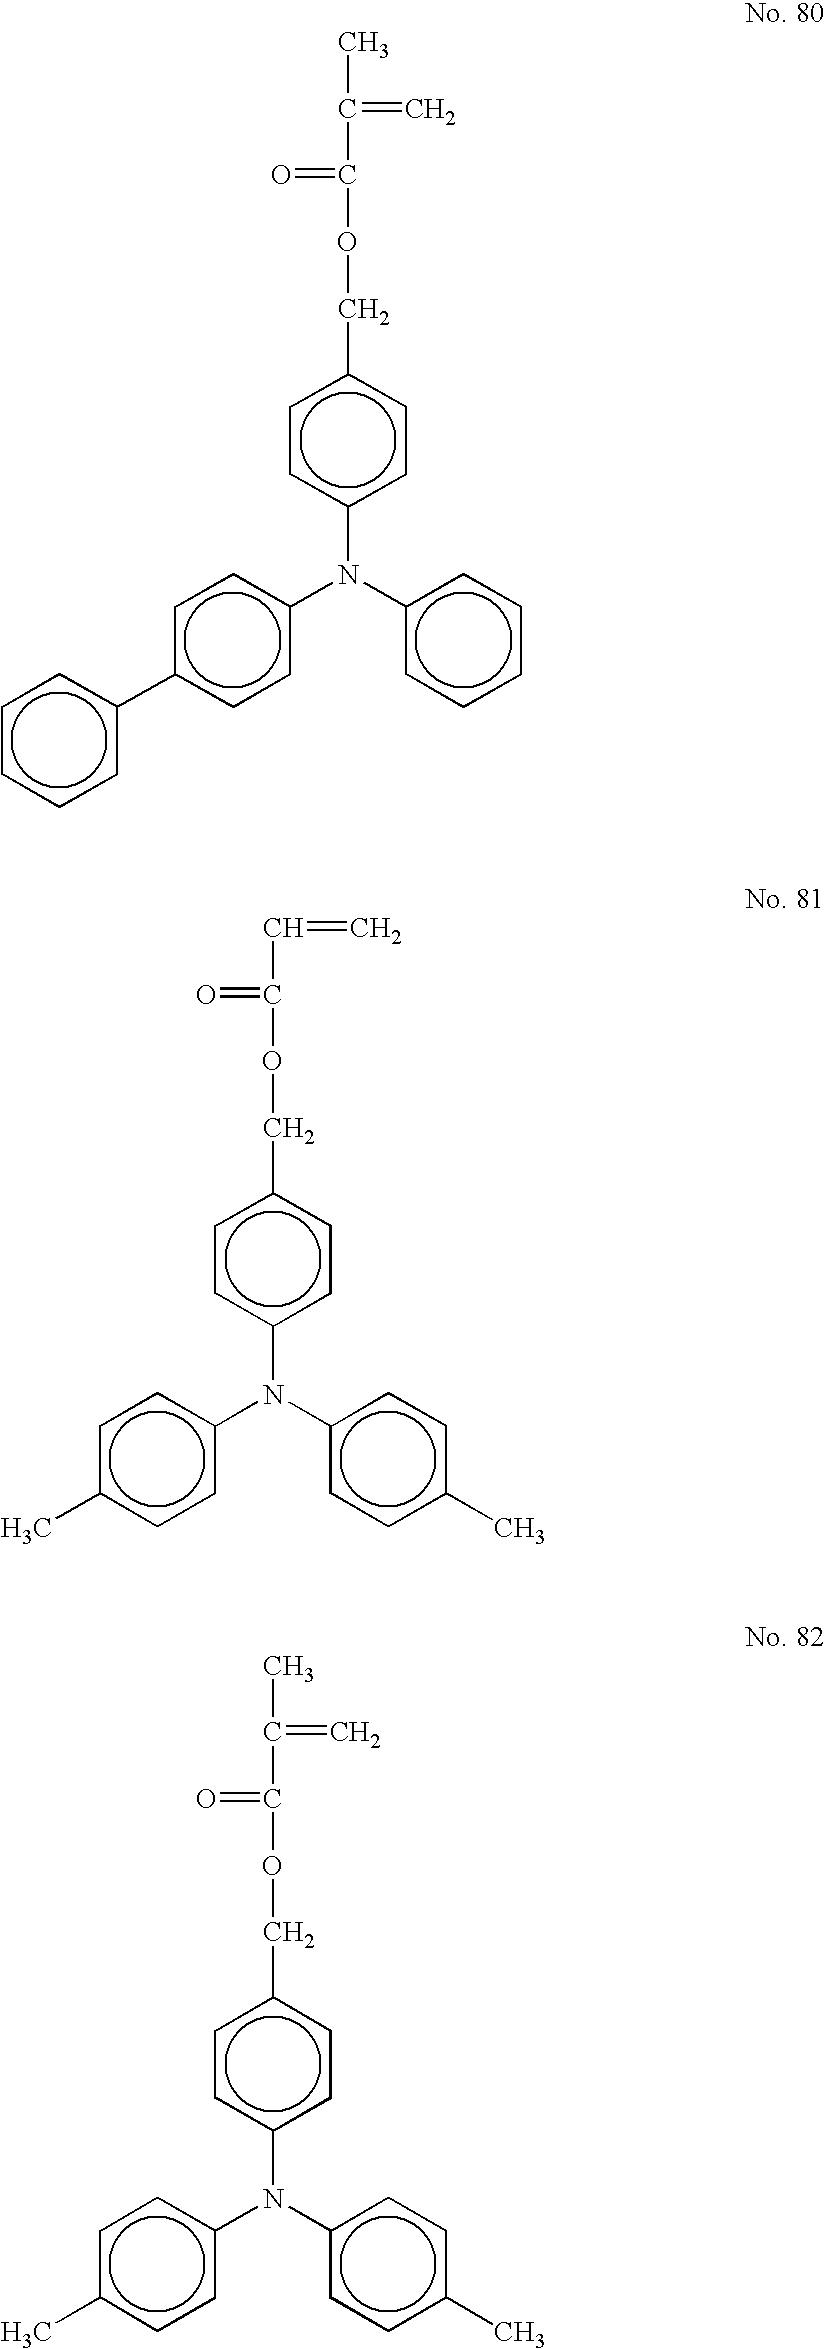 Figure US20050158641A1-20050721-C00040